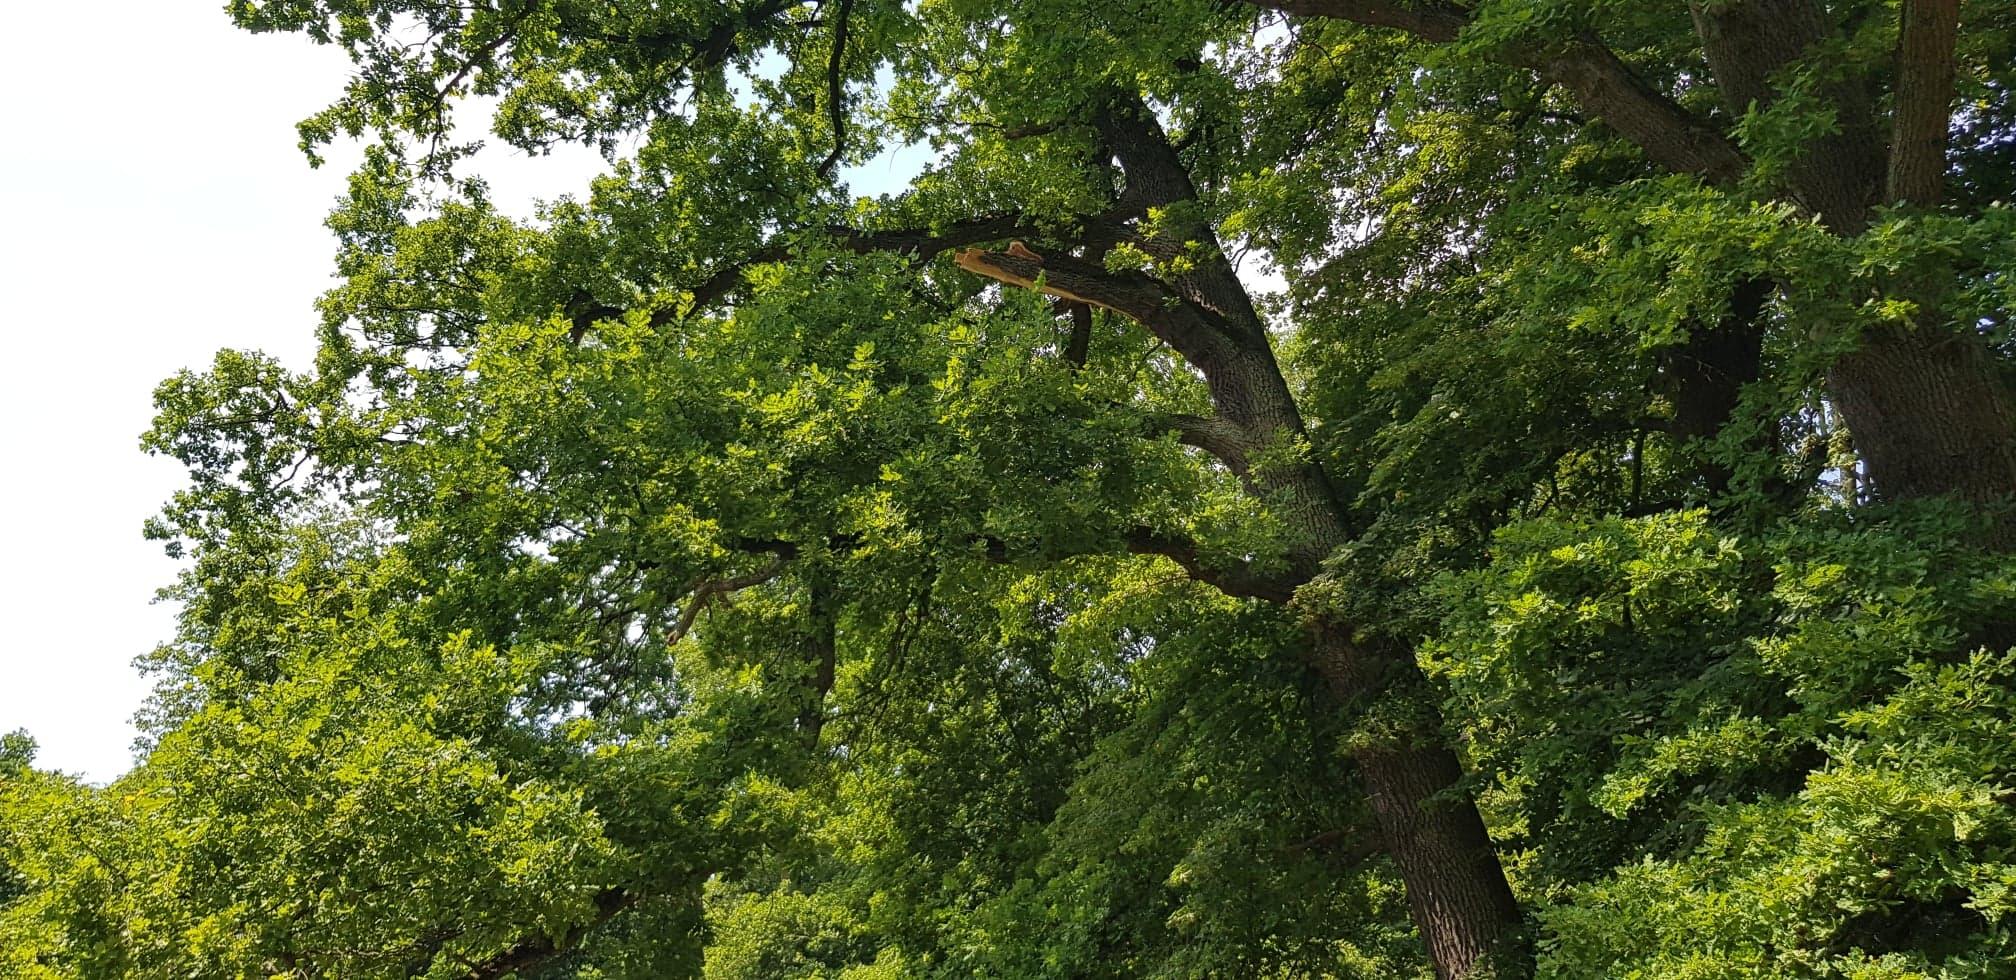 Wyłamany_konar_drzewa_wskutek_wichury